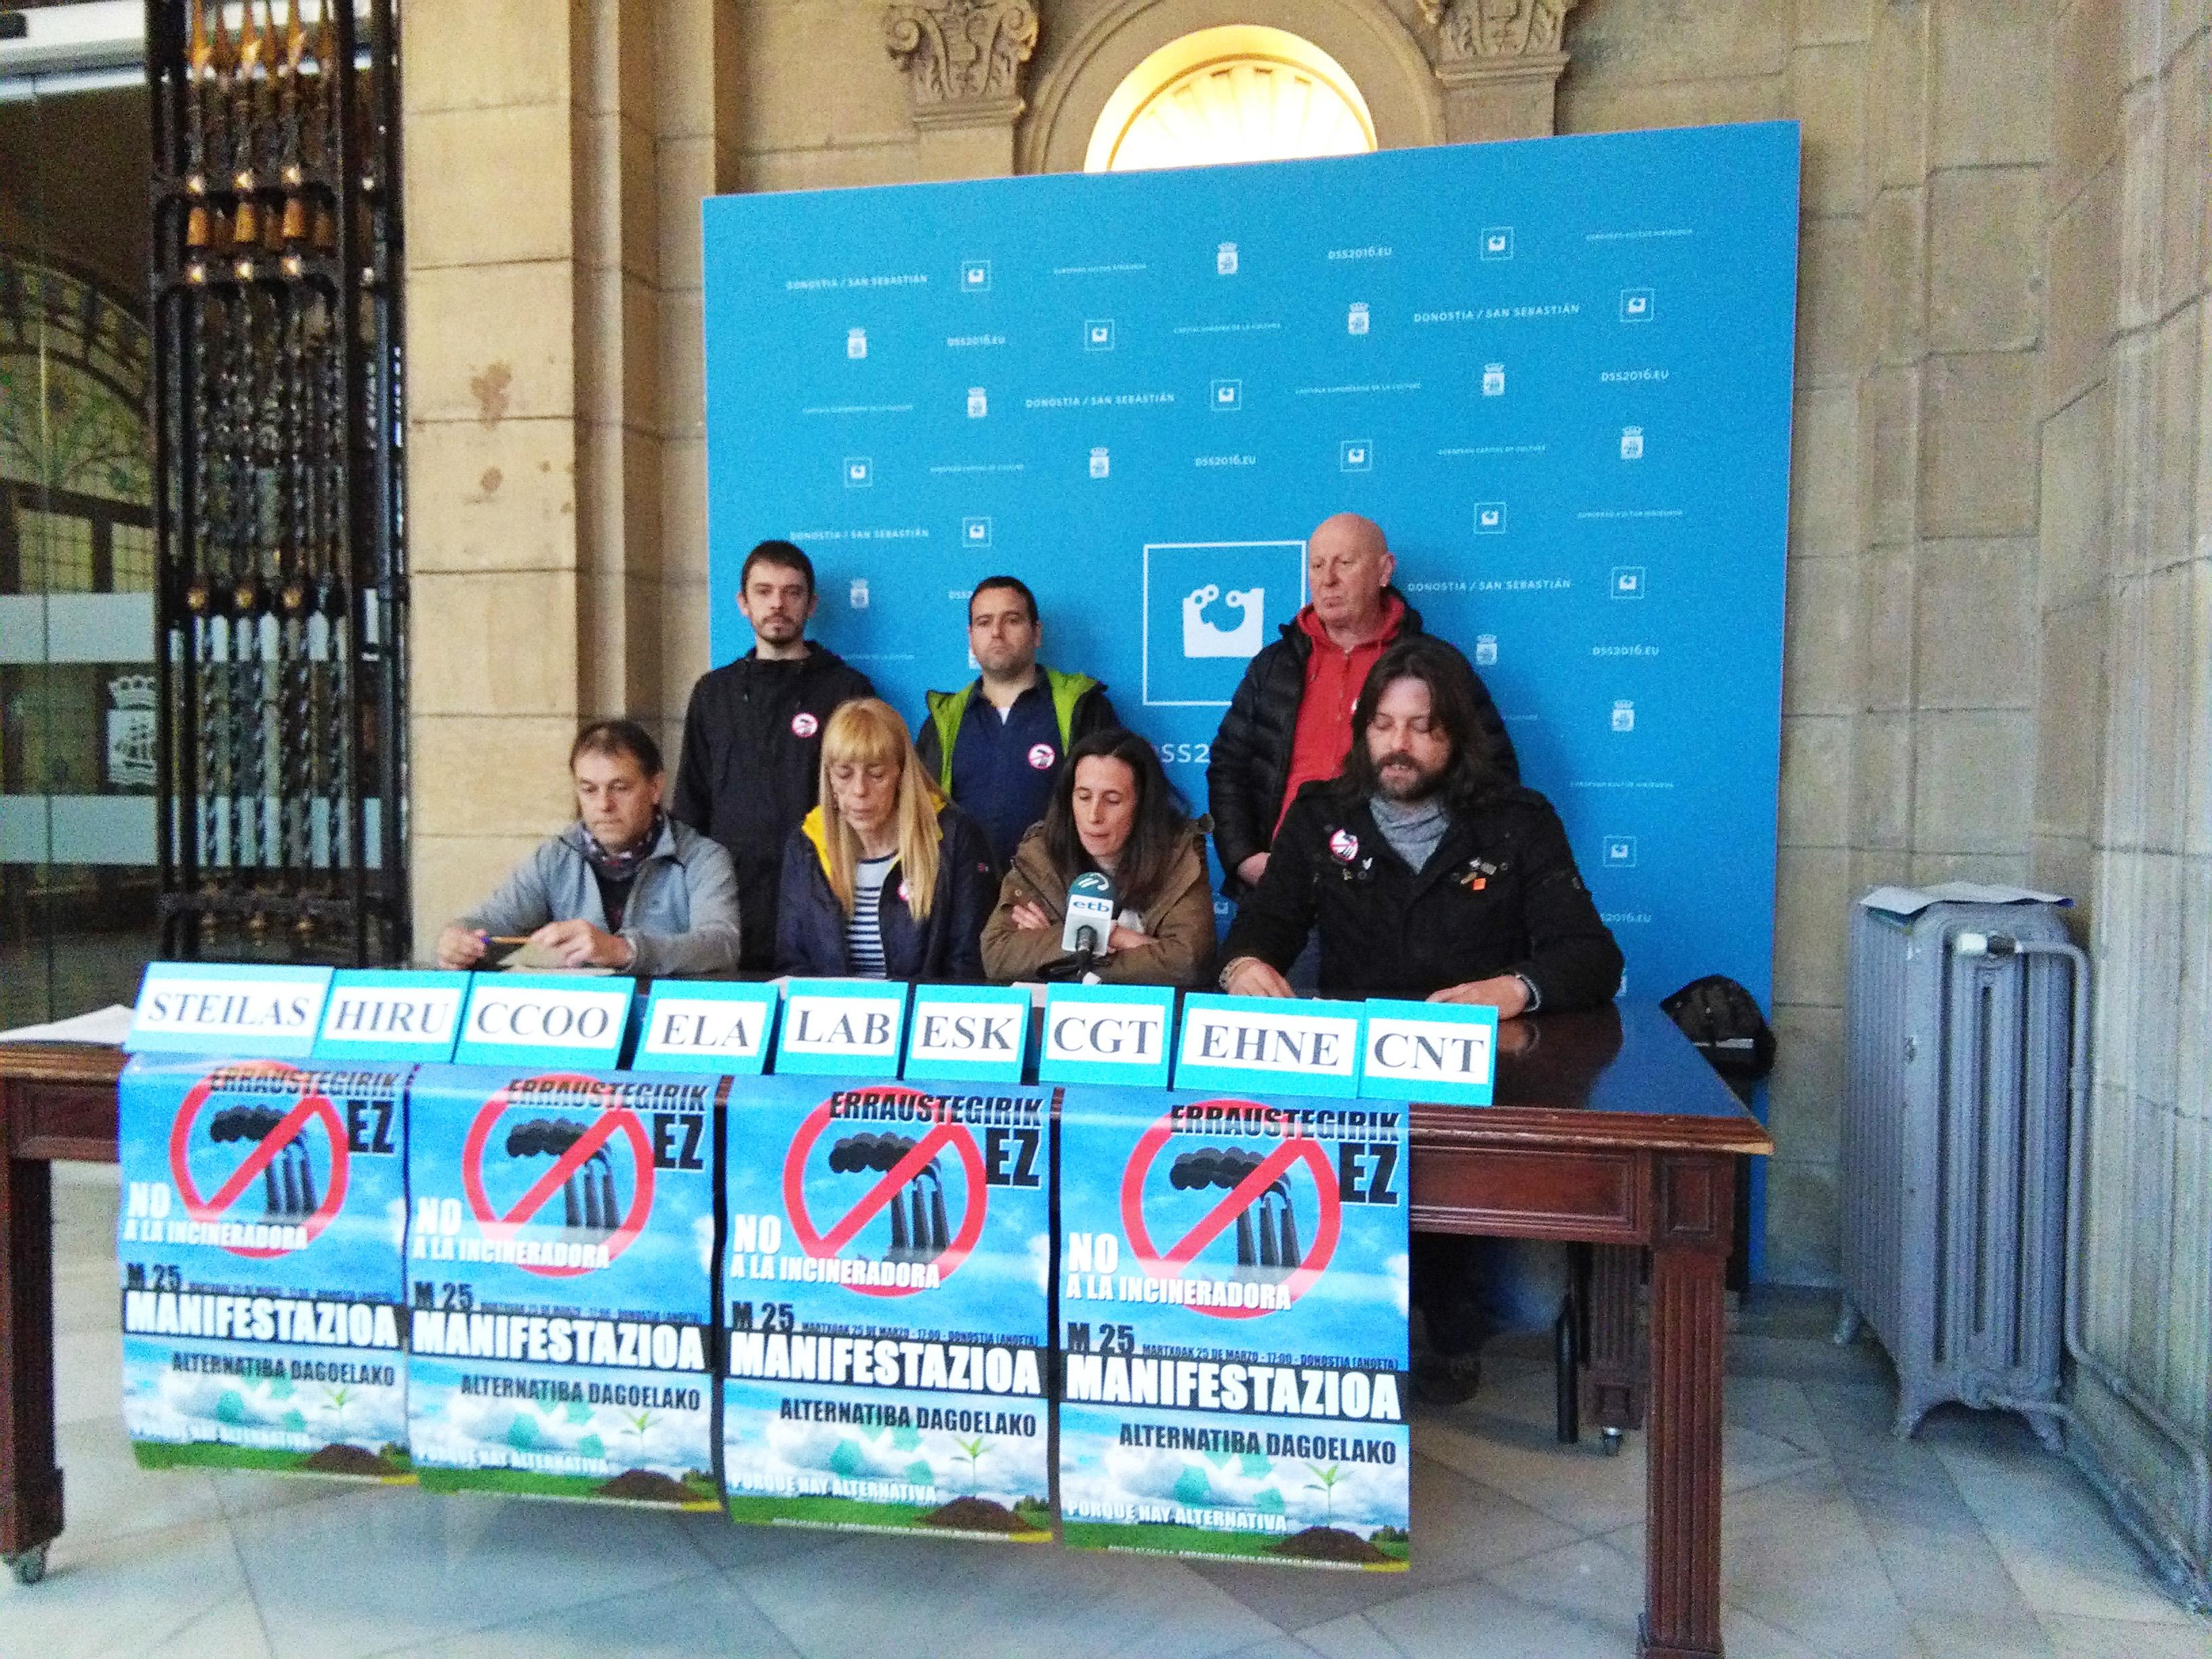 CCOO, CGT, CNT, EHNE, ELA, ESK, HIRU, LAB eta STEILAS sindikatuek larunbateko manifestazioari babesa adierazi diote